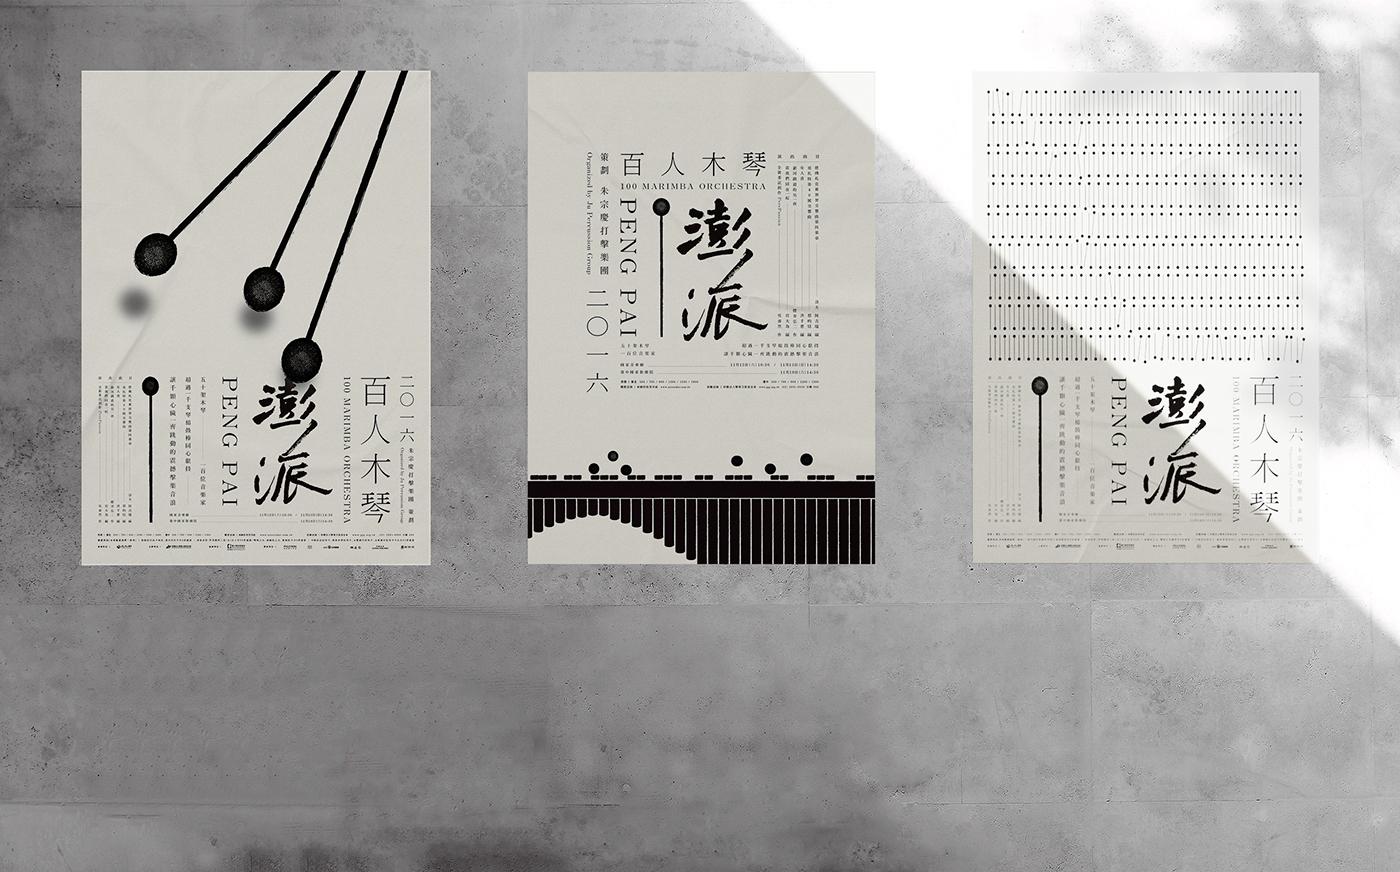 有設計感的31套海報排版設計欣賞